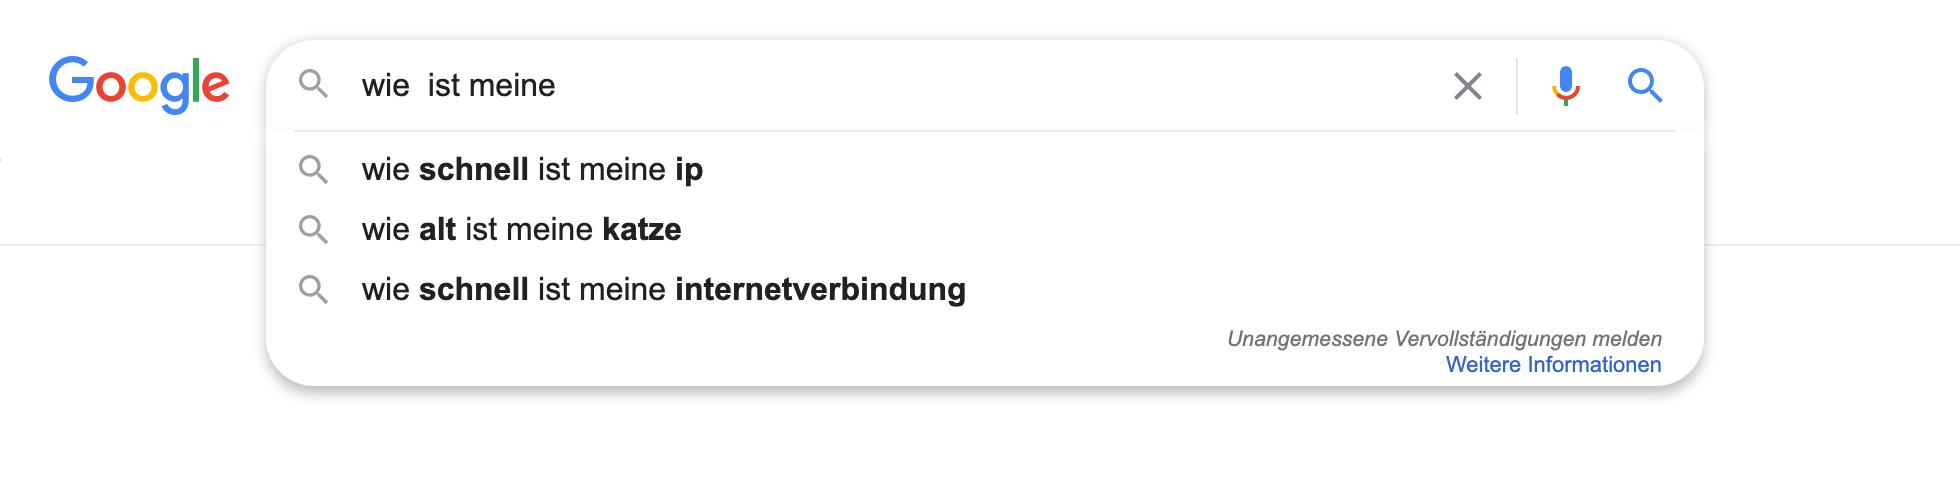 """Zeigt eine Beispiel-Google-Suchanfrage für das Keyword """"wie  ist meine"""" an."""